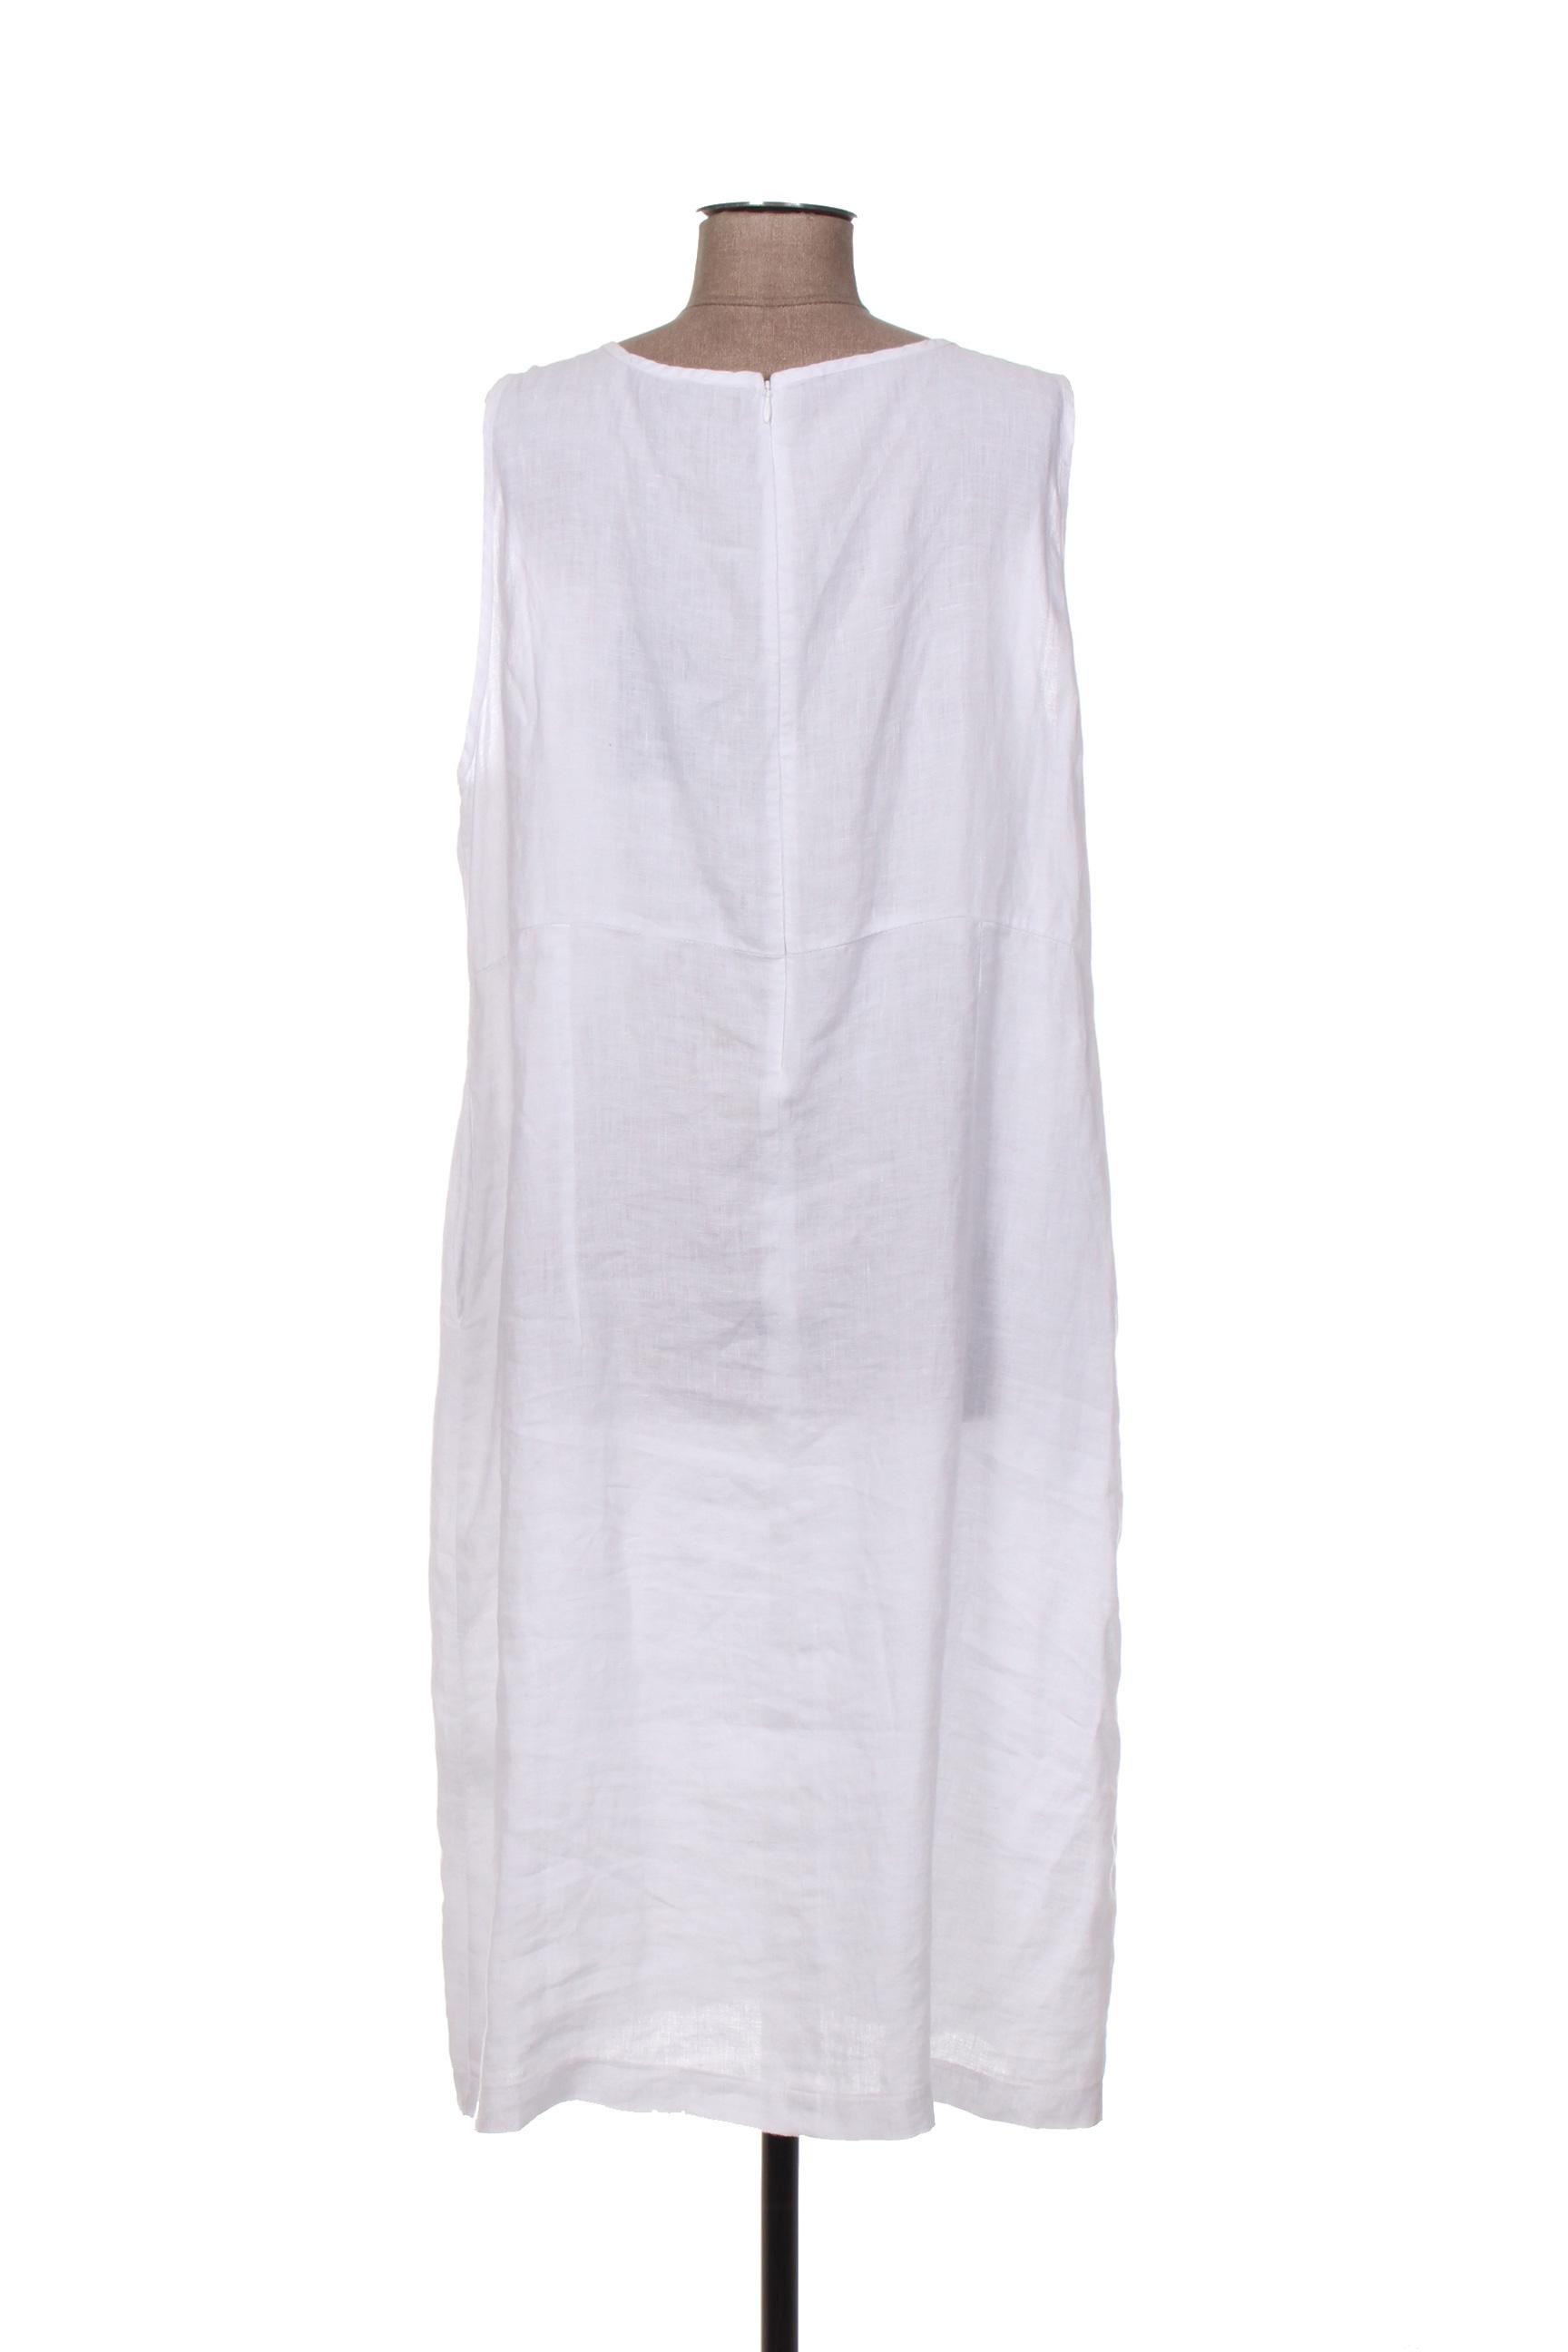 Kokomarina Robes Mi Longues Femme De Couleur Blanc En Soldes Pas Cher 1402150-blanc0